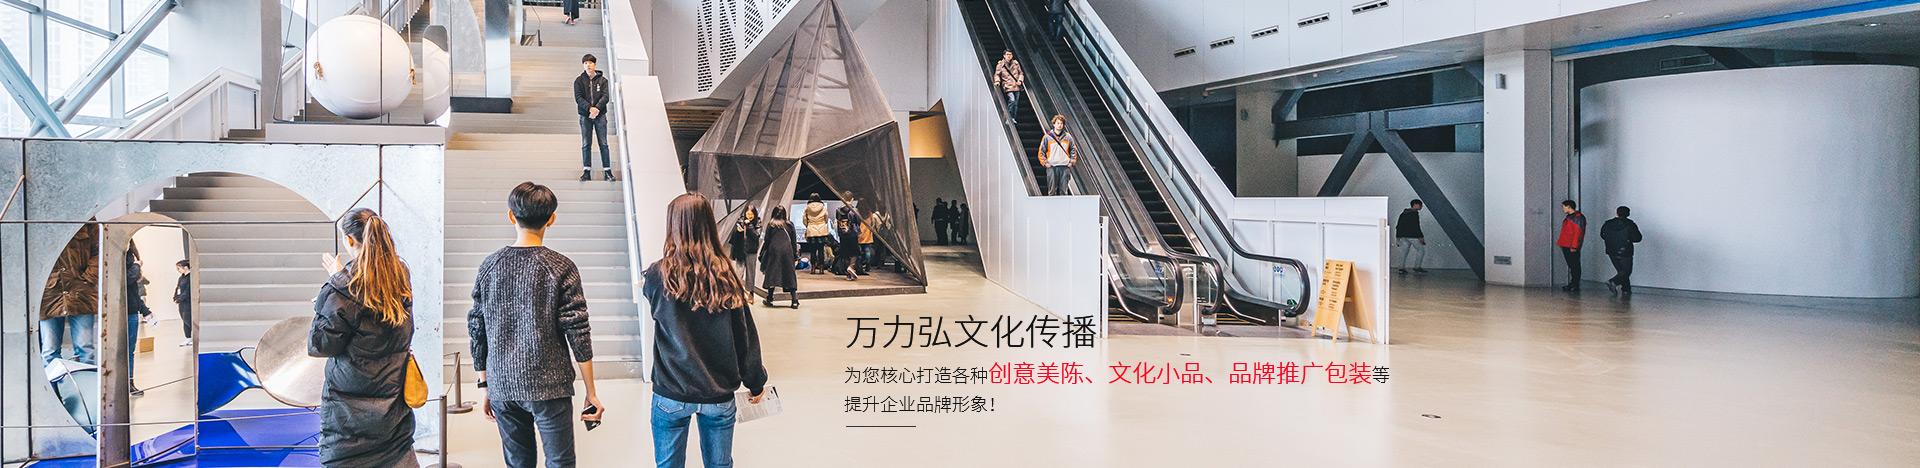 重庆庆典策划公司